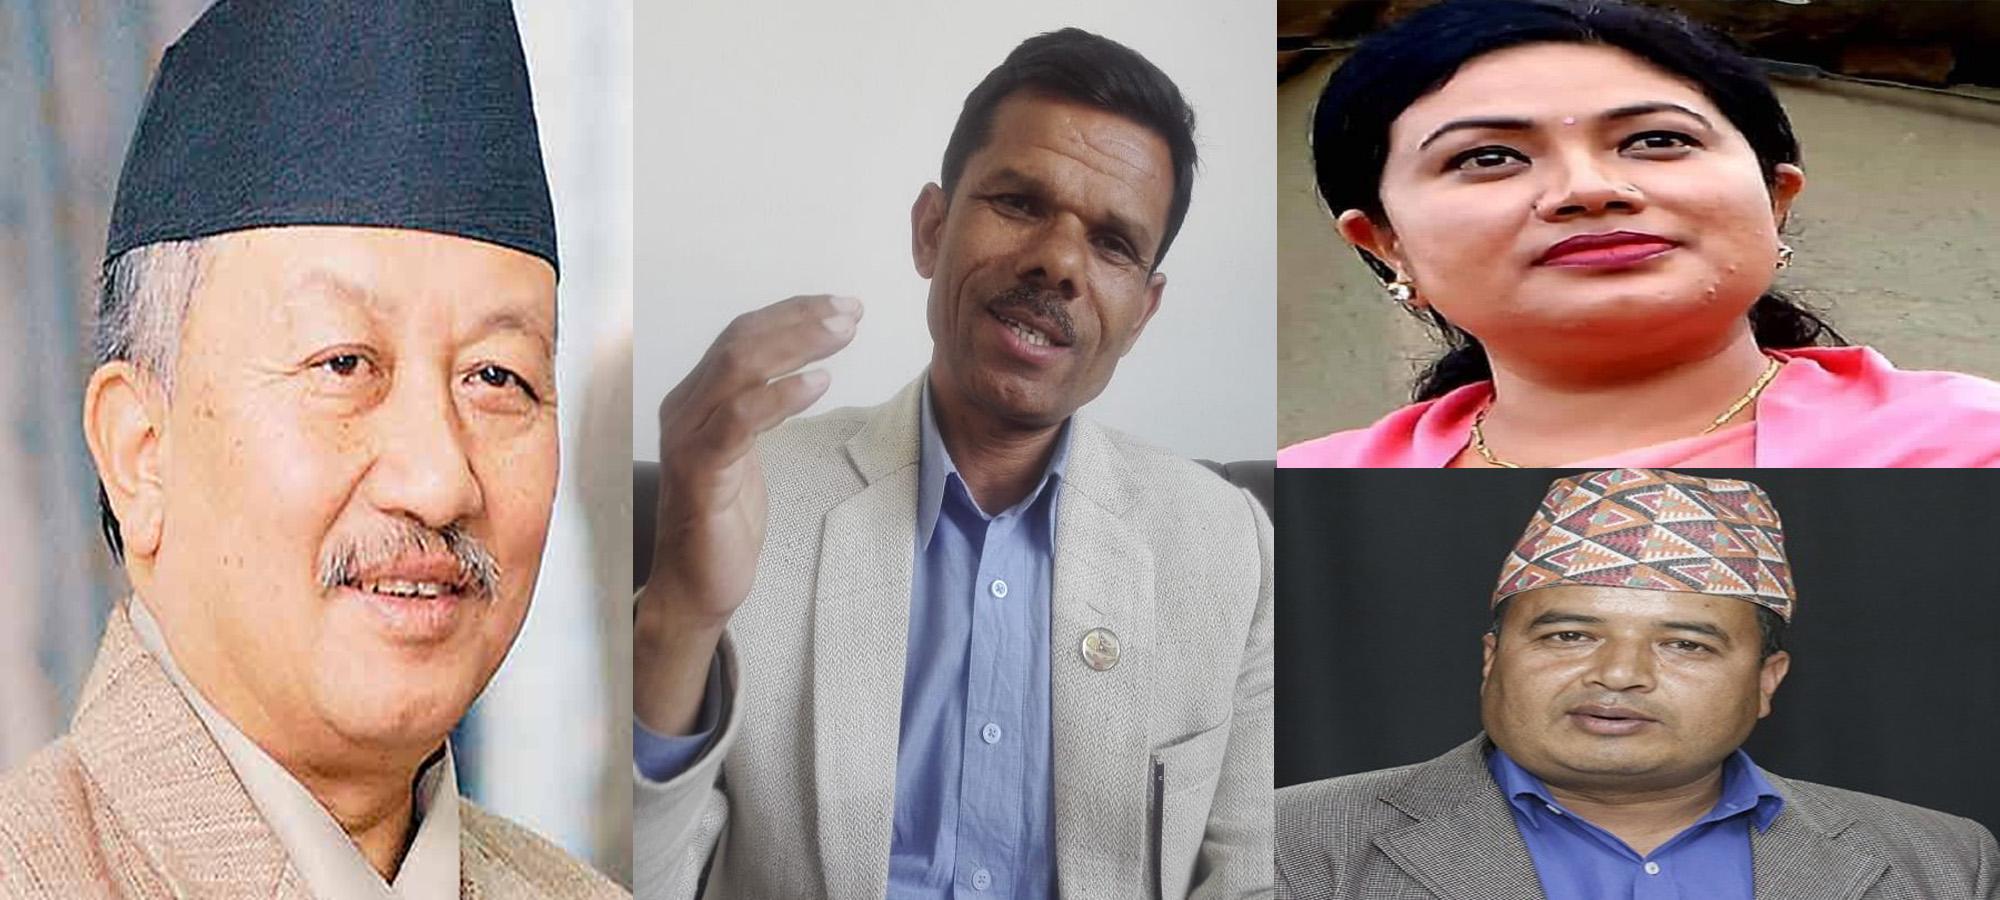 प्रचण्ड–माधव समूहद्वारा नेकपा संसदीय दलका उपनेता नेम्वाङसहित ७ नेता निलम्बन